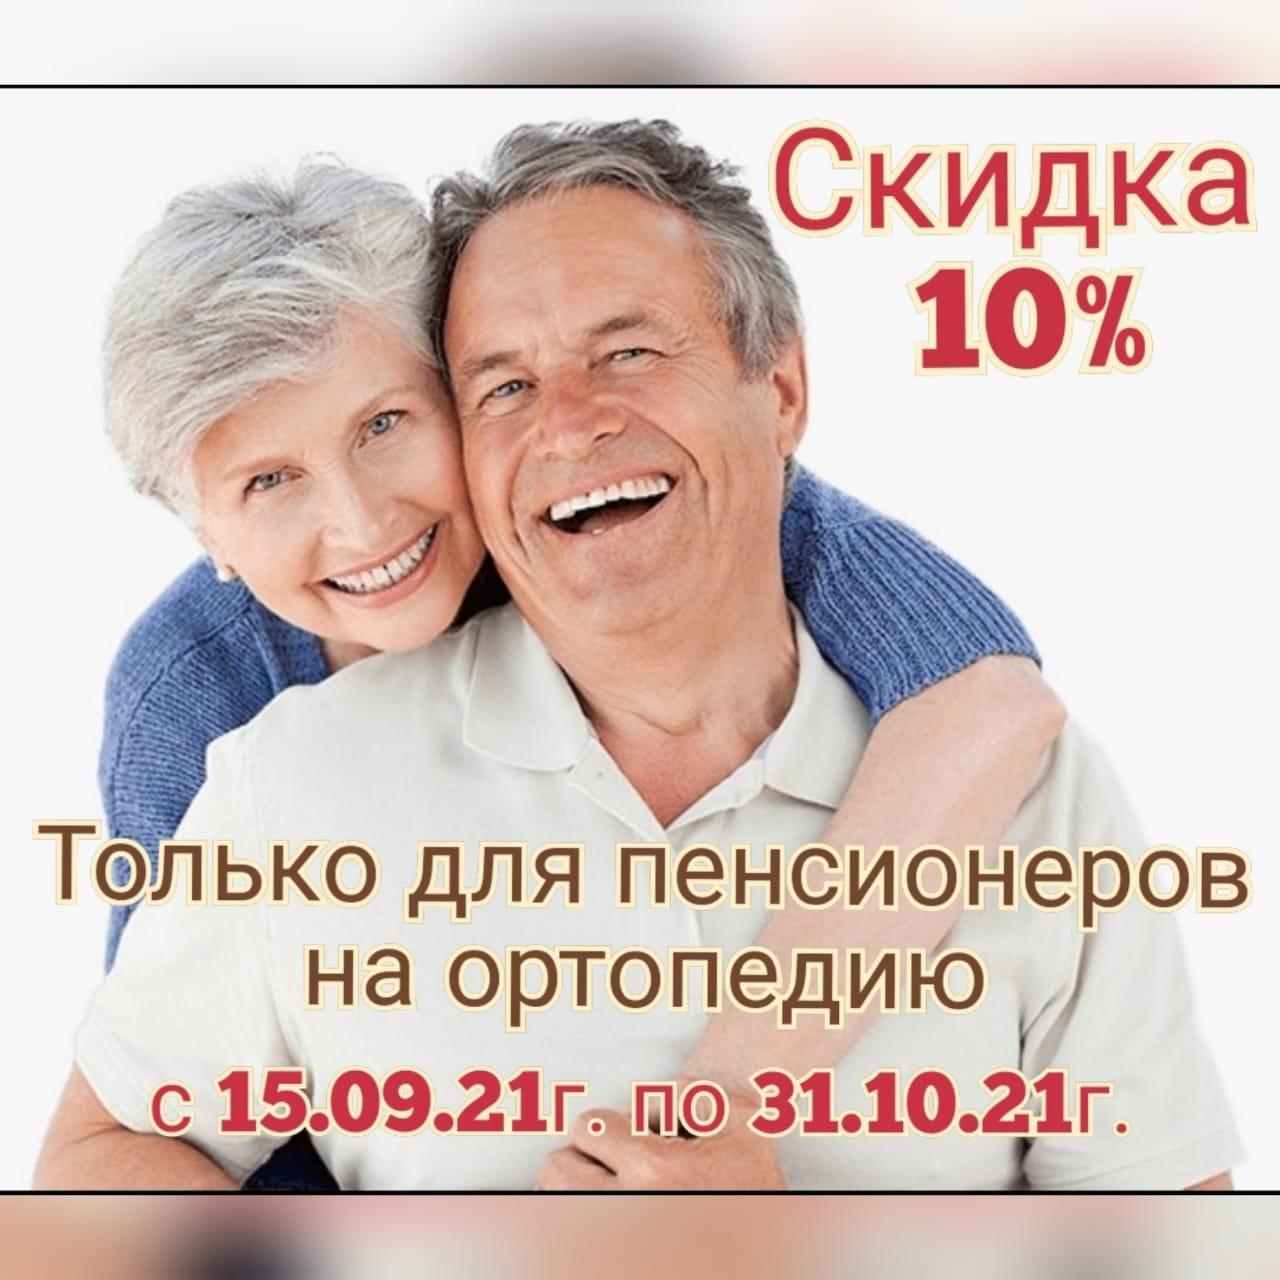 Скидка пенсионерам на ортопедию